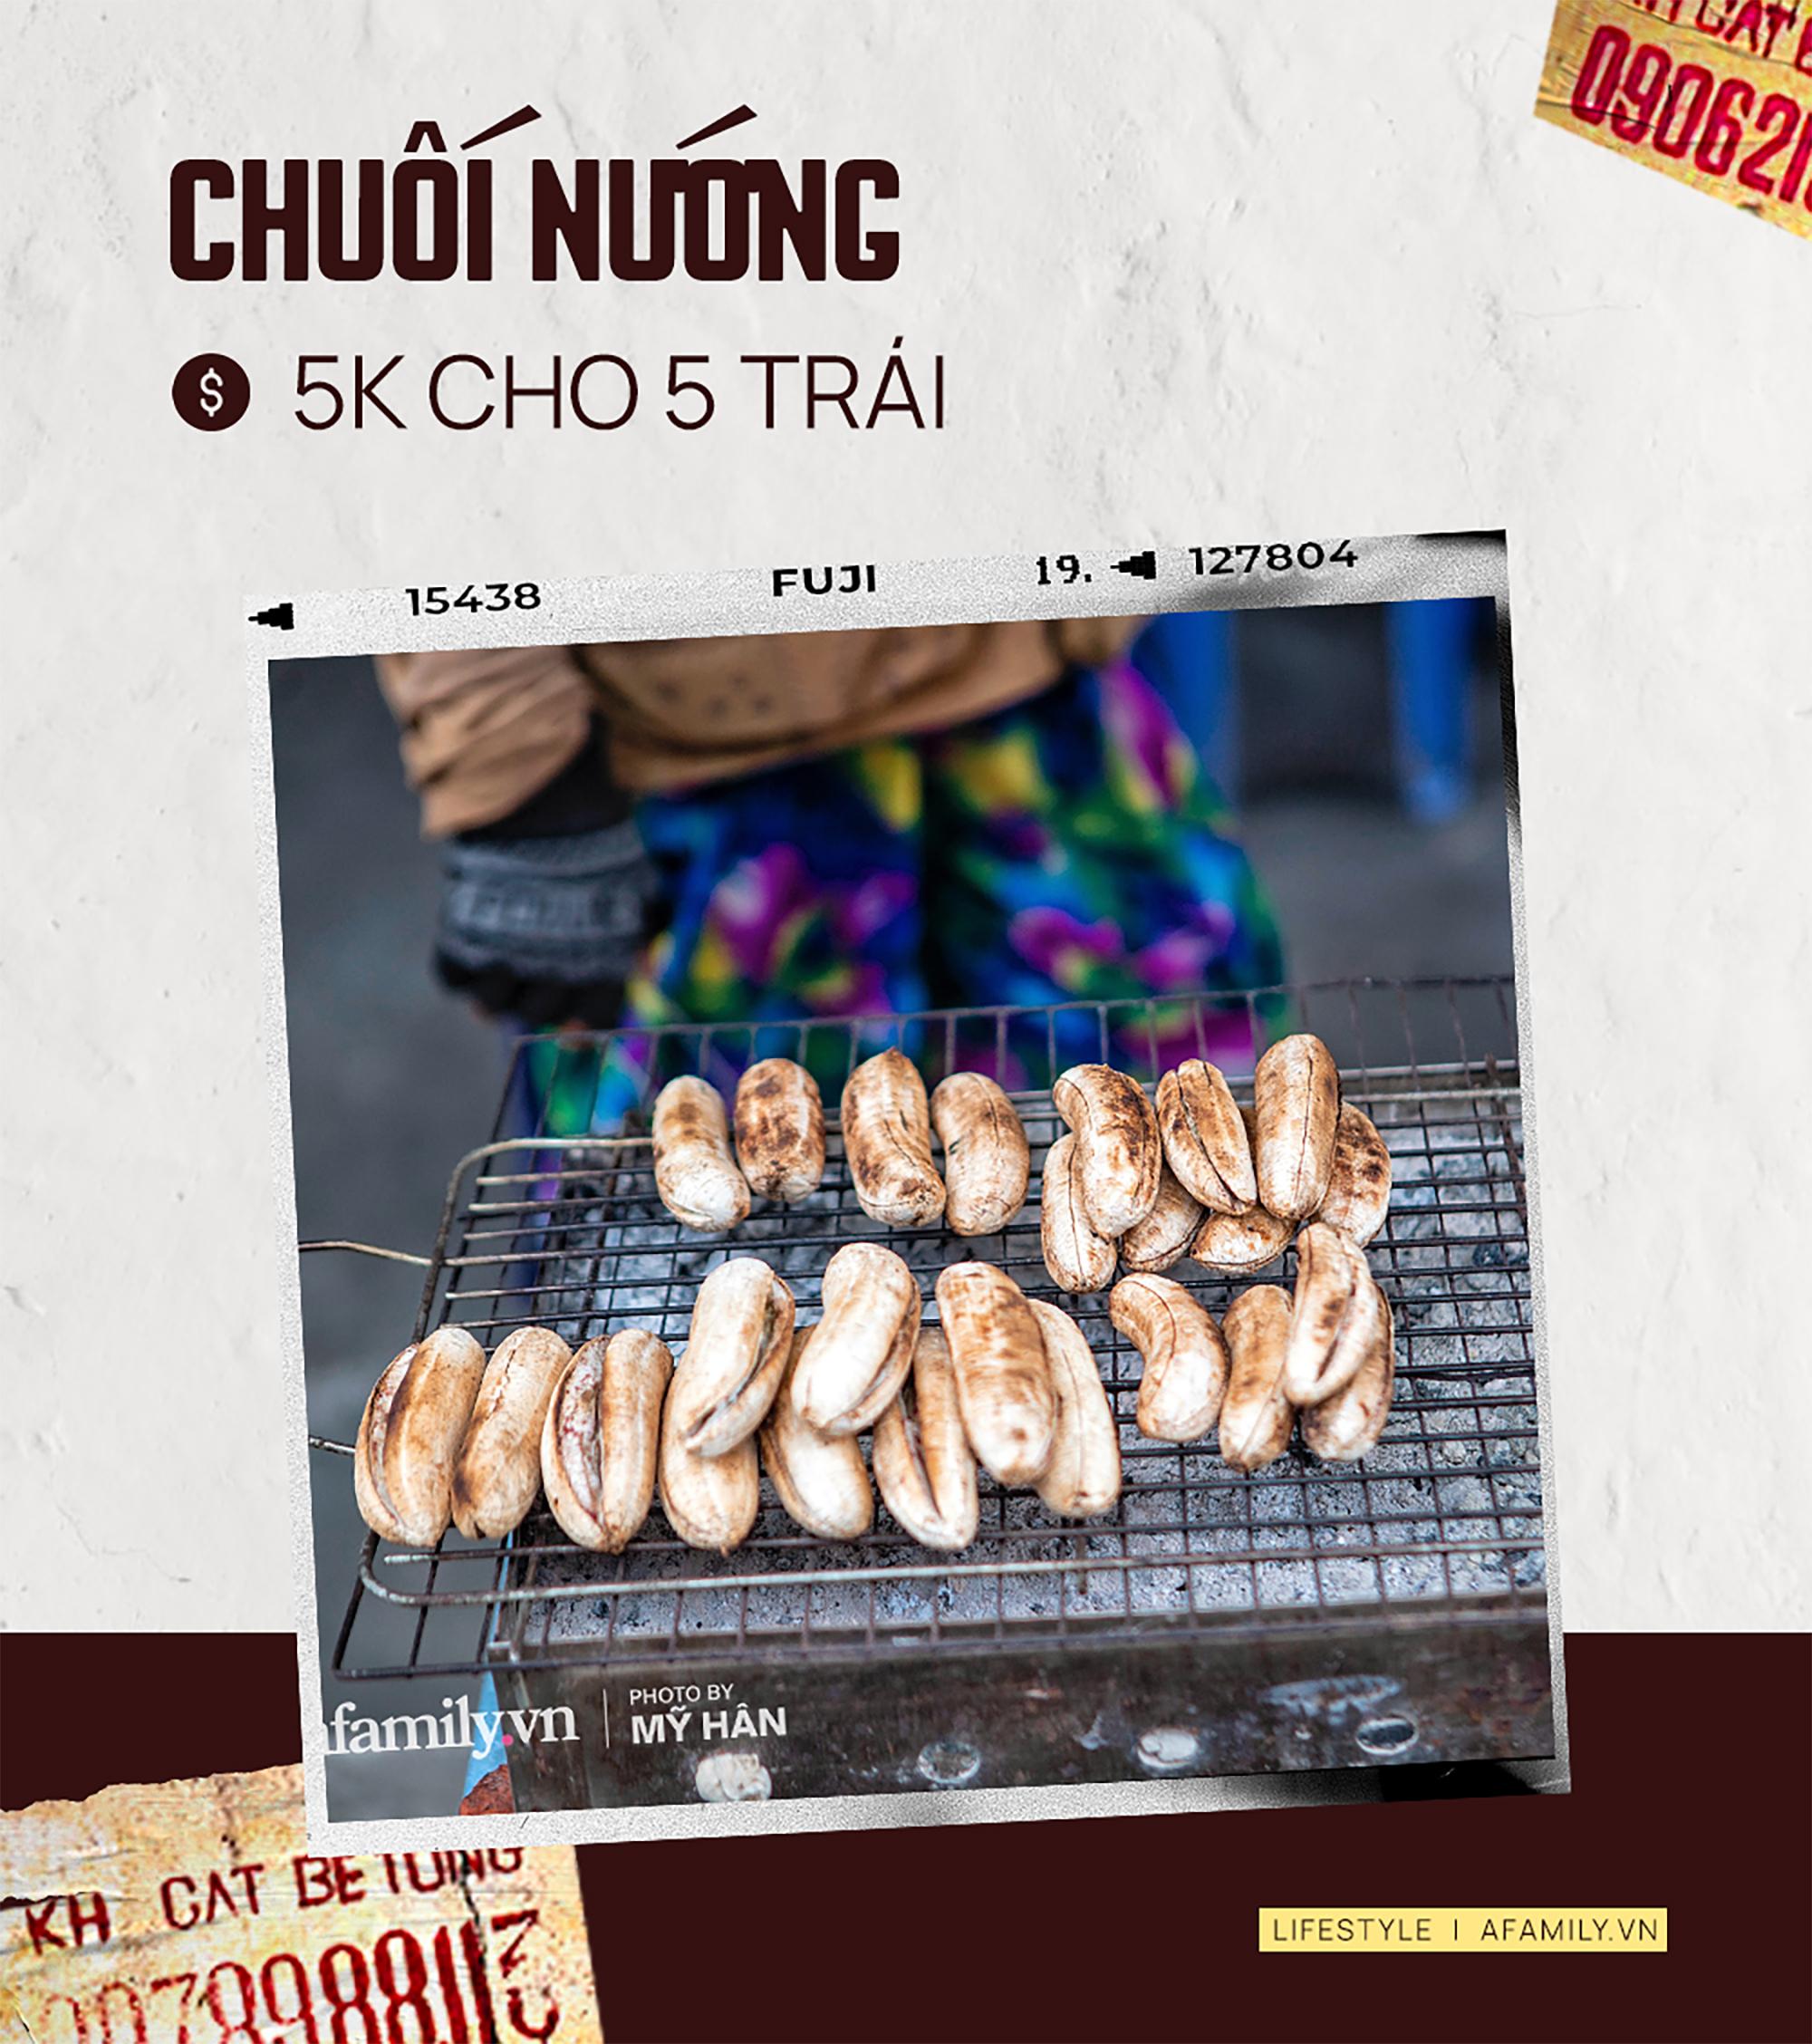 """""""Choáng"""" với bảng giá loạt món ăn tại một tỉnh ở miền Tây, nơi vừa được công bố là có mức sống thấp nhất Việt Nam! - Ảnh 8."""